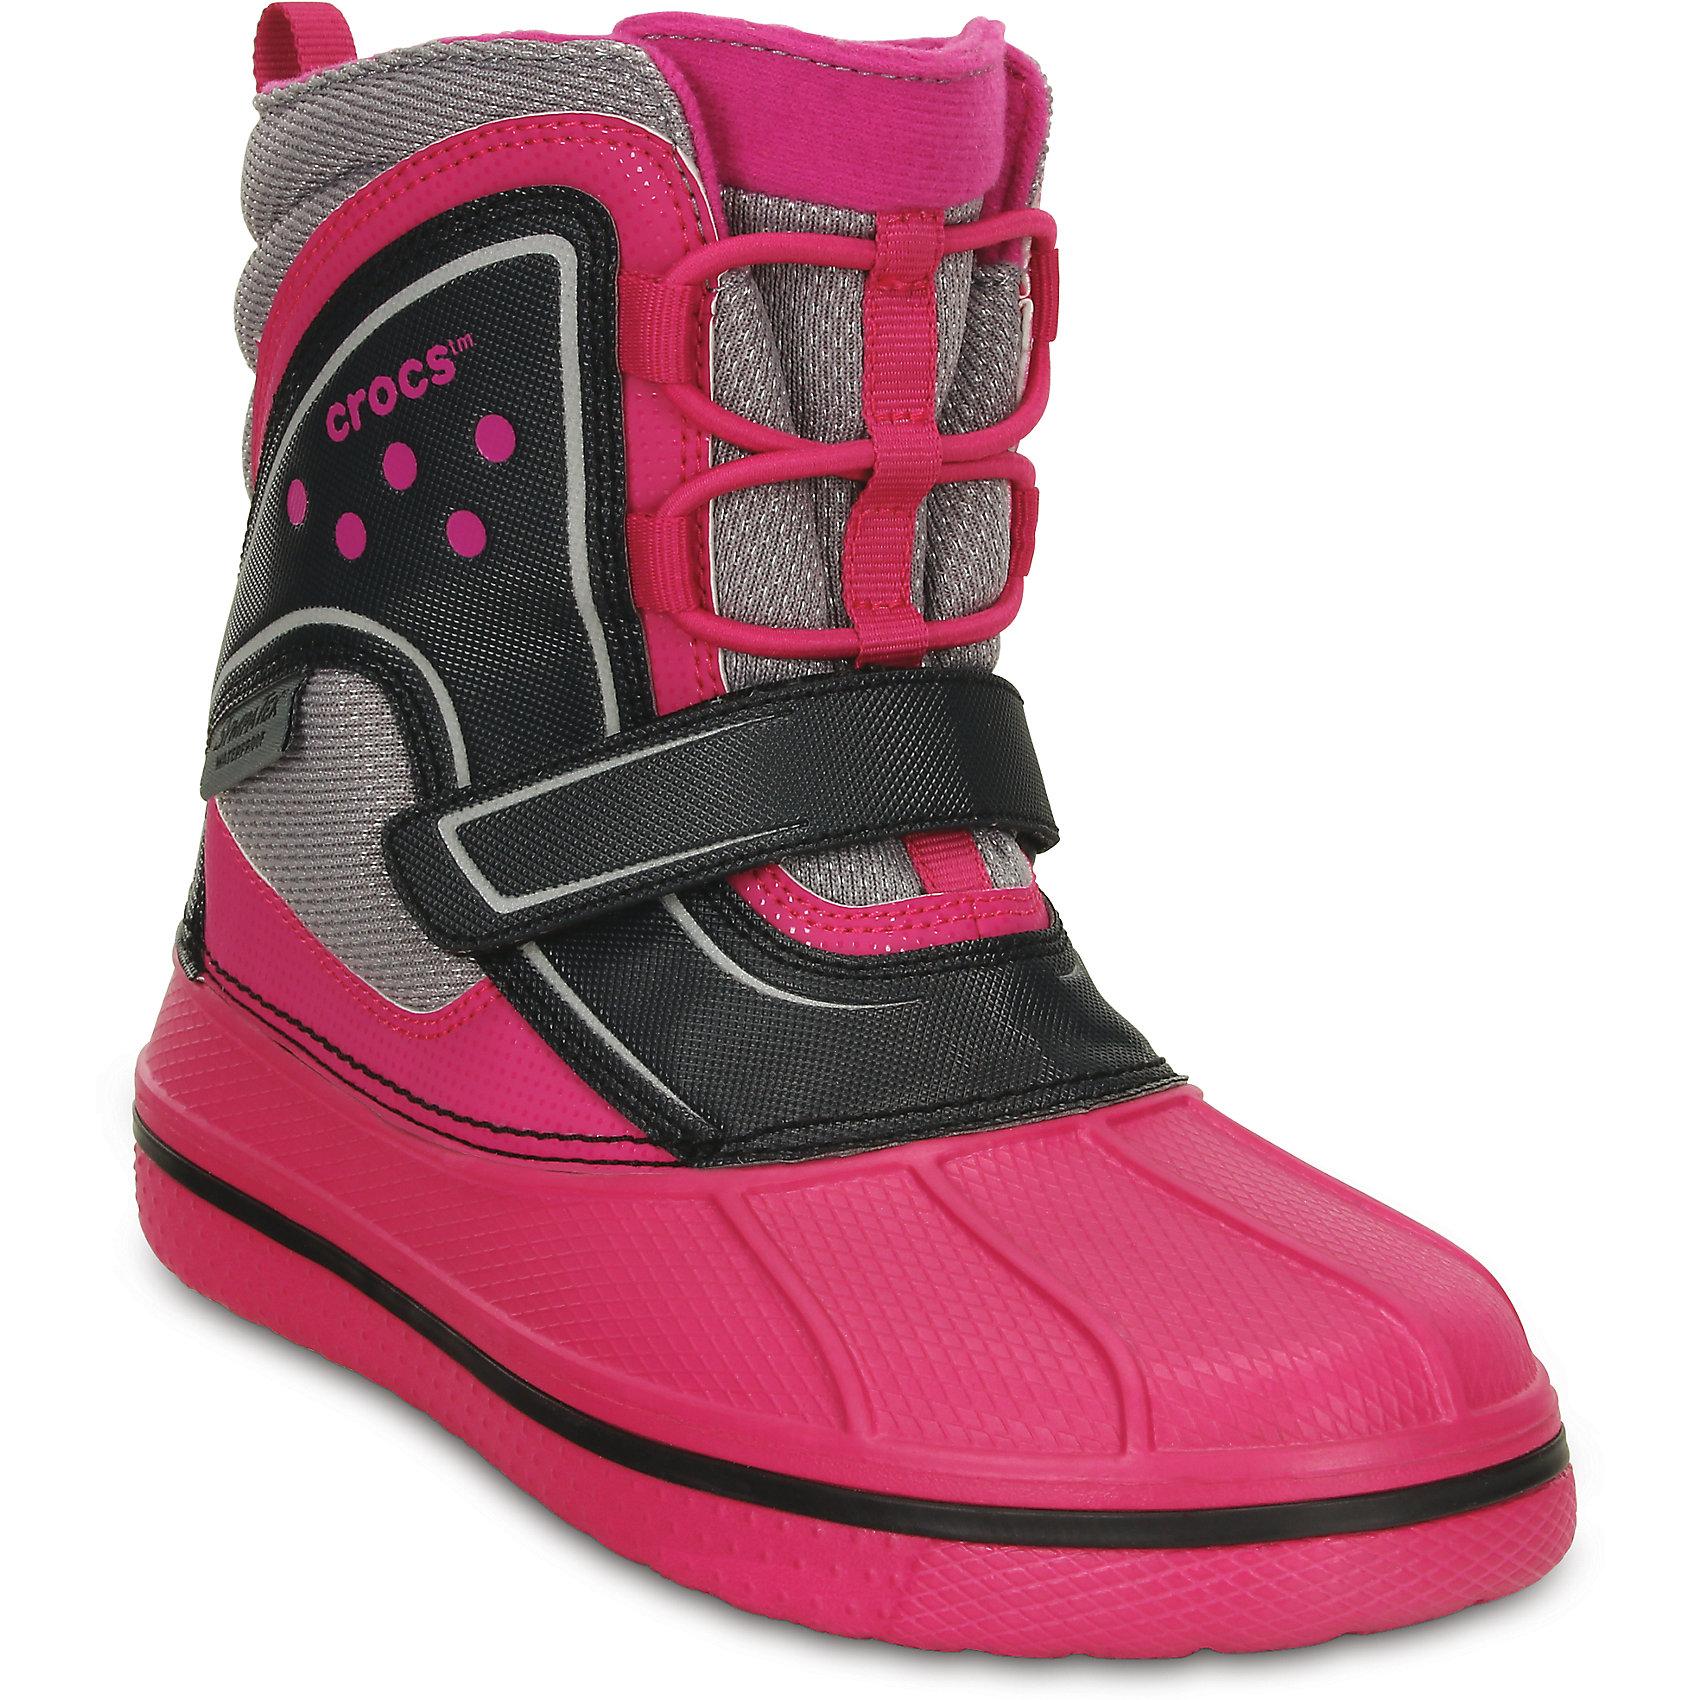 Полусапоги llCast Waterproof Boot GS  для девочки CrocsХарактеристики товара:<br><br>• цвет: розовый<br>• материал: верх - полимер, текстиль, низ -100% полимер Croslite™<br>• материал подкладки: текстиль<br>• светоотражающие элементы<br>• непромокаемая носочная часть<br>• температурный режим: от -15° до +15° С<br>• легко очищаются<br>• антискользящая подошва<br>• застежка: липучка<br>• толстая устойчивая подошва<br>• страна бренда: США<br>• страна изготовитель: Китай<br><br>Ботинки могут быть и стильными, и теплыми! Для детской обуви крайне важно, чтобы она была удобной. Такие ботинки обеспечивают детям необходимый комфорт, а теплая подкладка создает особый микроклимат. Ботинки легко надеваются и снимаются, отлично сидят на ноге. Материал, из которого они сделаны, не дает размножаться бактериям, поэтому такая обувь препятствует образованию неприятного запаха и появлению болезней стоп. Данная модель особенно понравится детям - ведь в них можно бегать по лужам!<br>Обувь от американского бренда Crocs в данный момент завоевала широкую популярность во всем мире, и это не удивительно - ведь она невероятно удобна. Её носят врачи, спортсмены, звёзды шоу-бизнеса, люди, которым много времени приходится бывать на ногах - они понимают, как важна комфортная обувь. Продукция Crocs - это качественные товары, созданные с применением новейших технологий. Обувь отличается стильным дизайном и продуманной конструкцией. Изделие производится из качественных и проверенных материалов, которые безопасны для детей.<br><br>Ботинки от торговой марки Crocs можно купить в нашем интернет-магазине.<br><br>Ширина мм: 262<br>Глубина мм: 176<br>Высота мм: 97<br>Вес г: 427<br>Цвет: розовый<br>Возраст от месяцев: 144<br>Возраст до месяцев: 156<br>Пол: Женский<br>Возраст: Детский<br>Размер: 36,30,27,26,38,37,32,29,34,28,33<br>SKU: 4235589